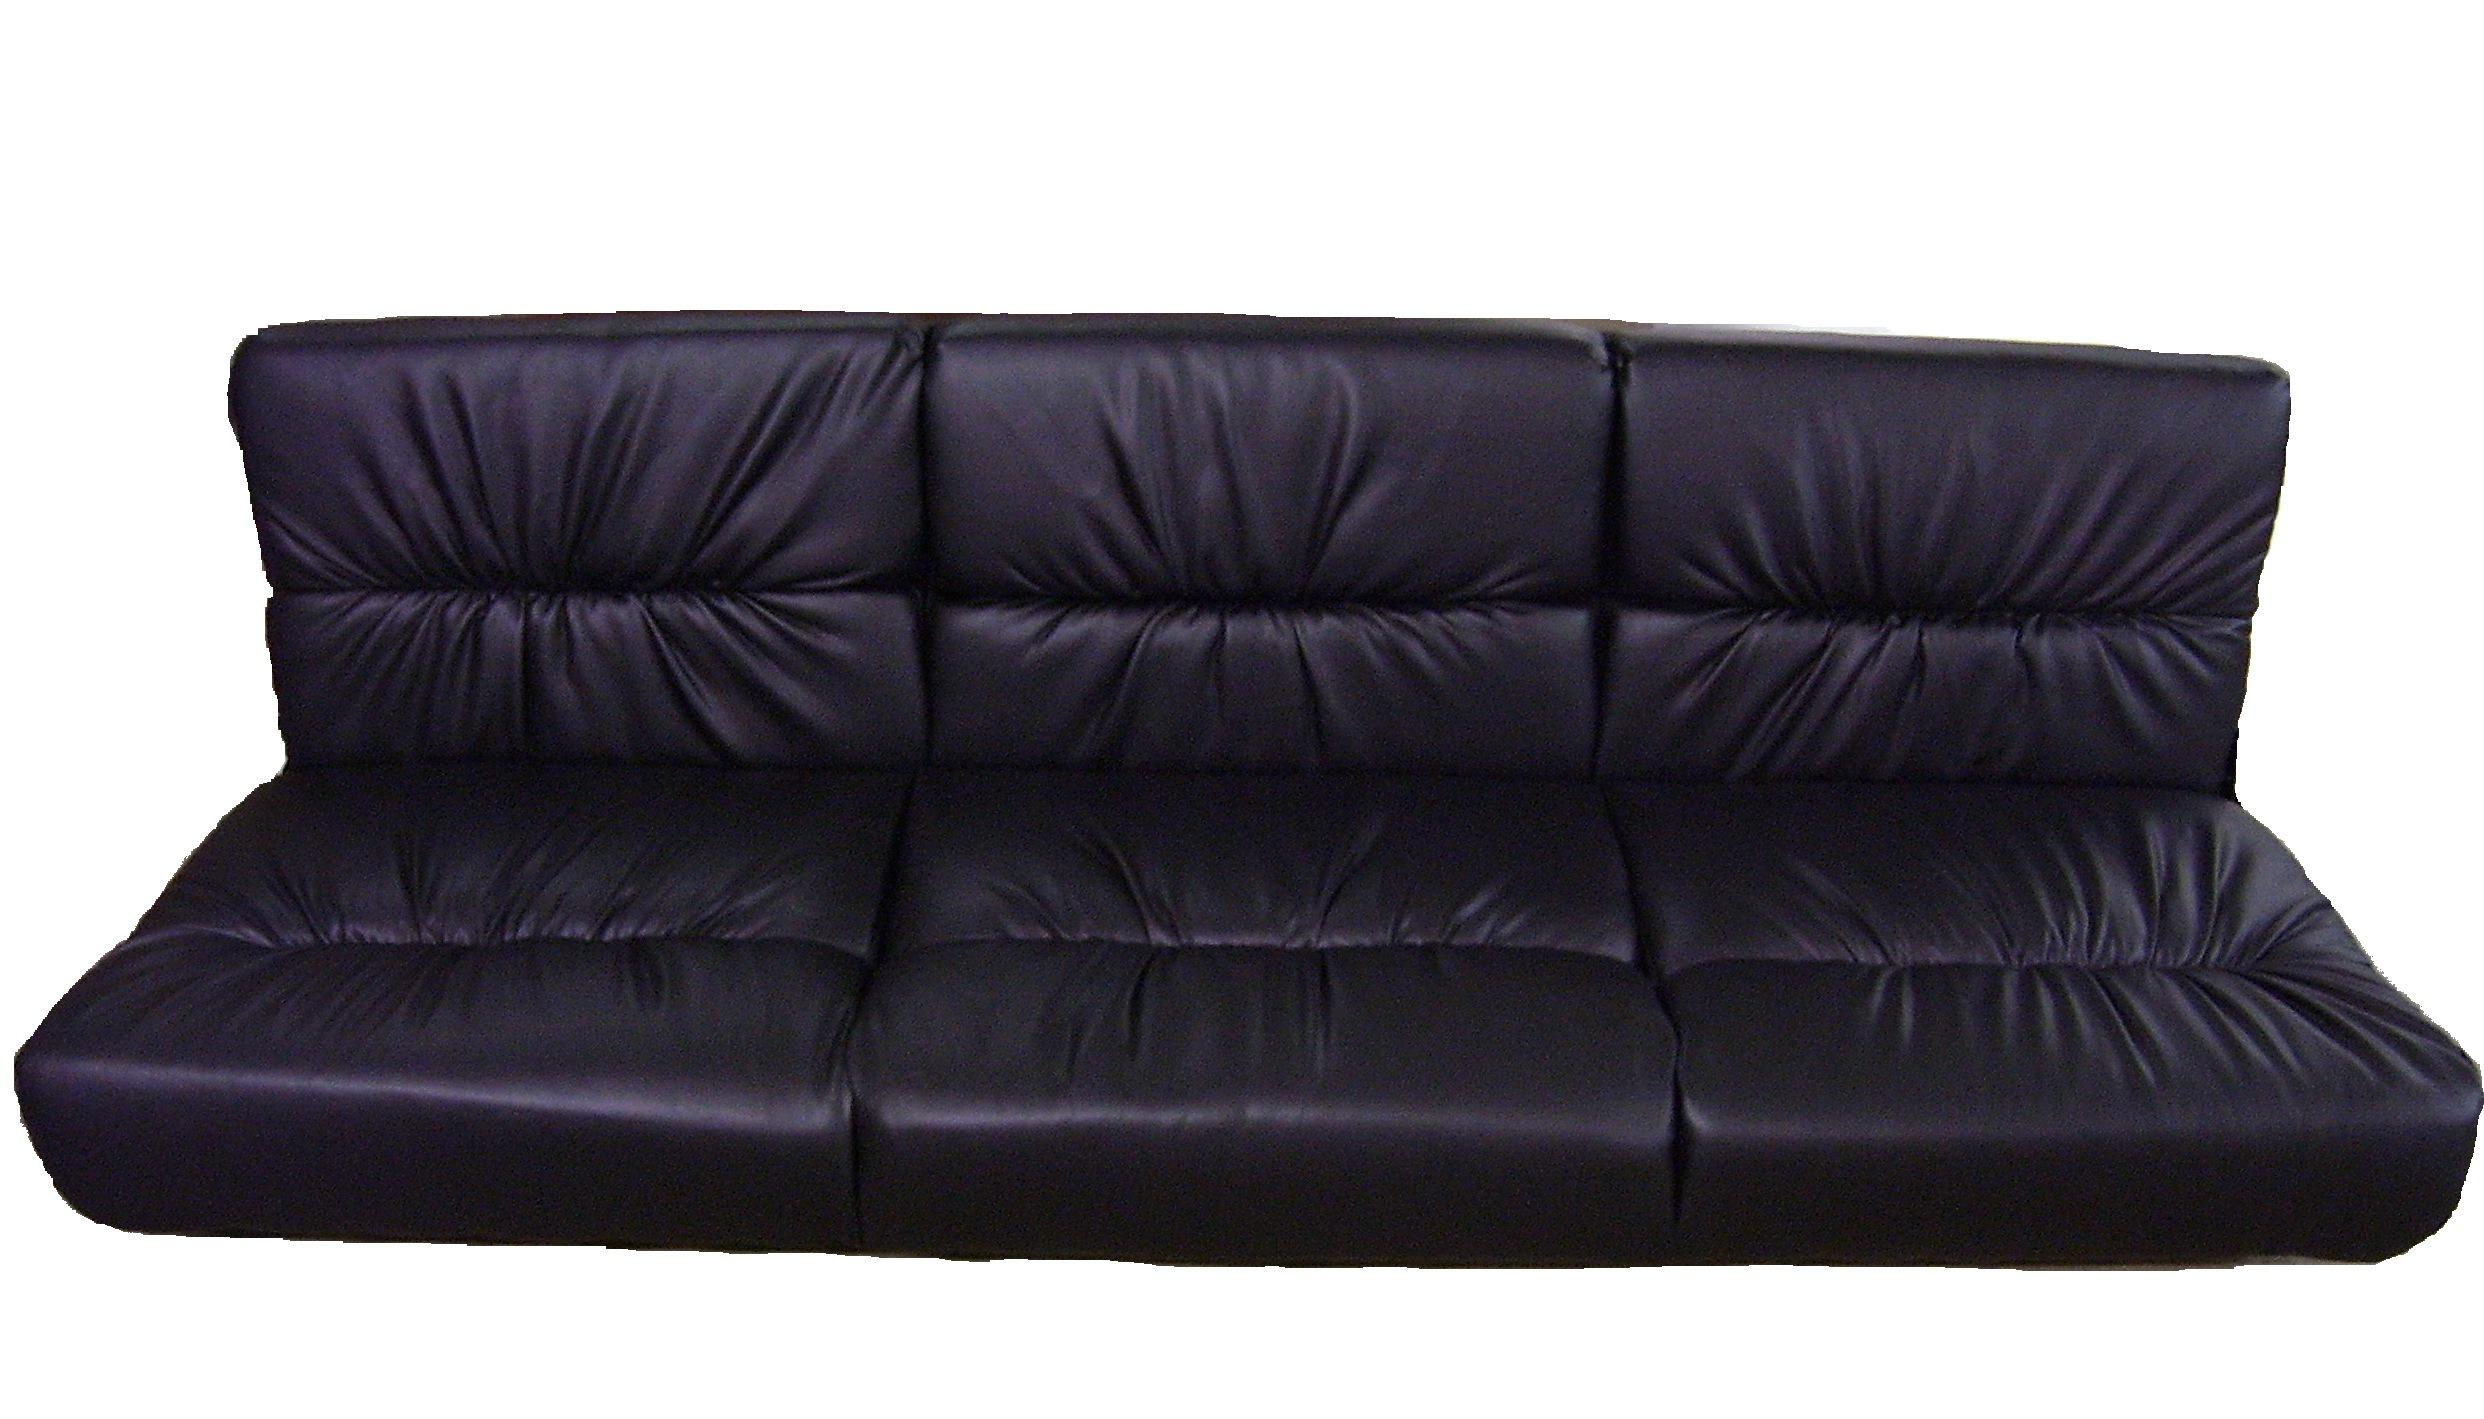 Xtreme Style Jack Knife Sofa